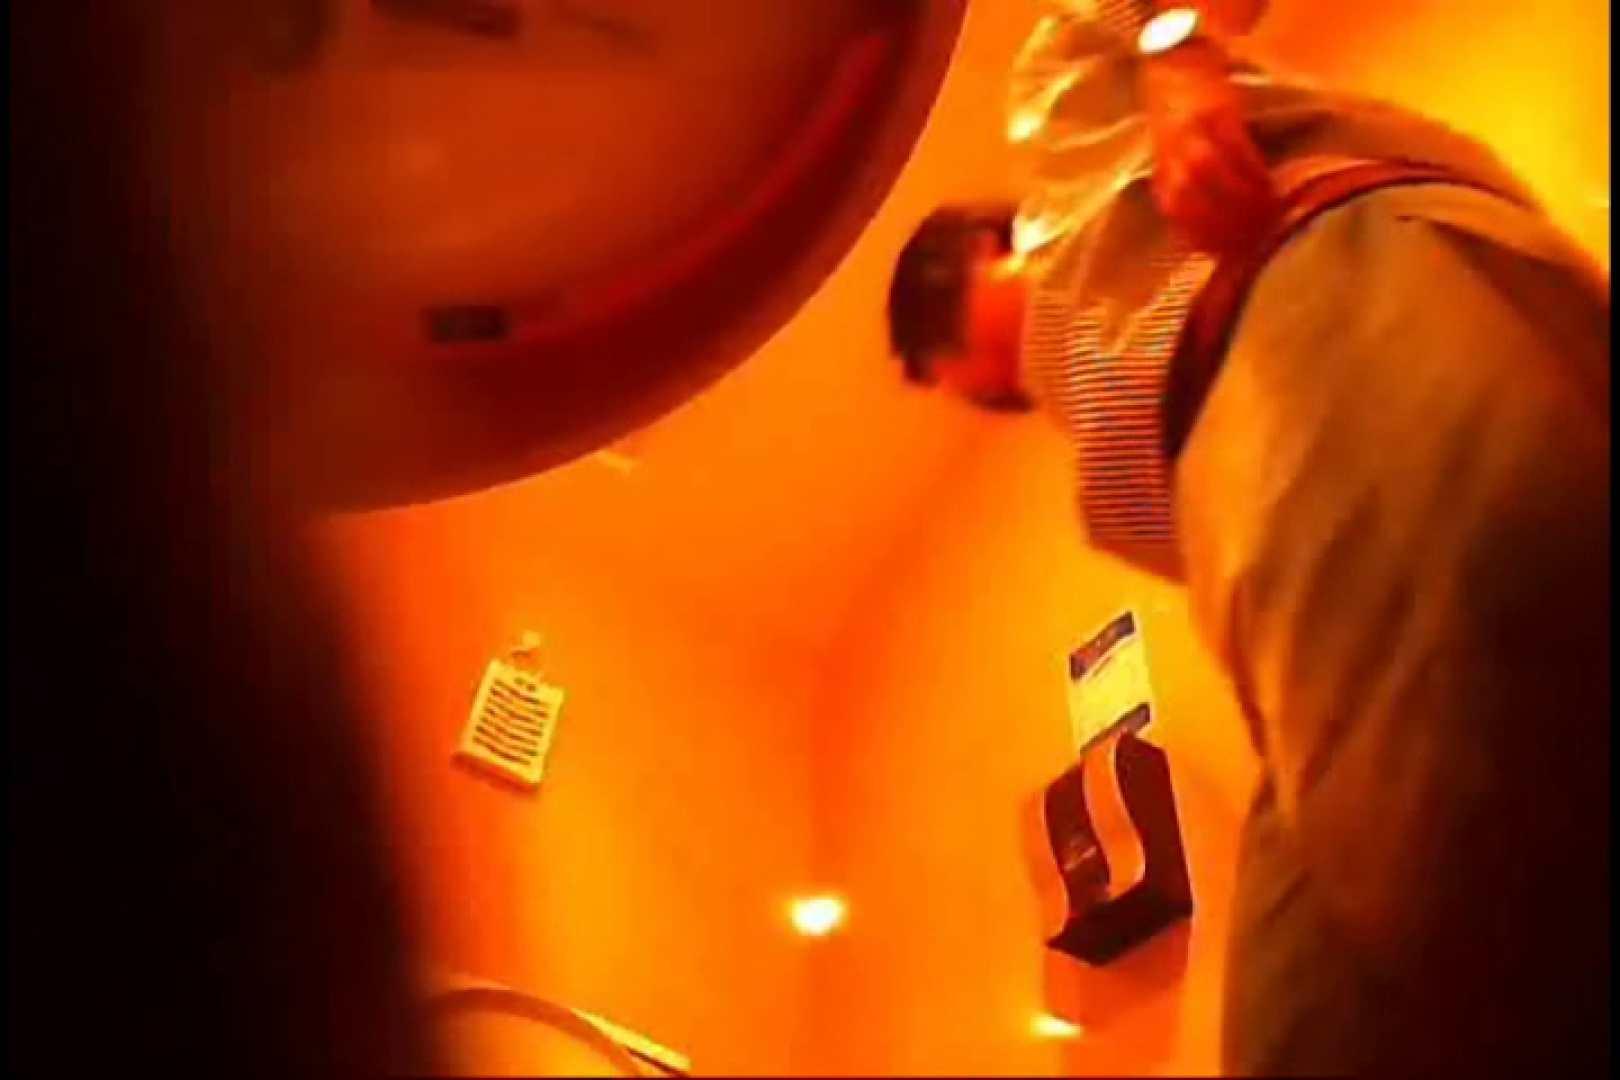 潜入!!女子化粧室盗撮~絶対見られたくない時間~vo,62 潜入 オメコ無修正動画無料 28連発 22